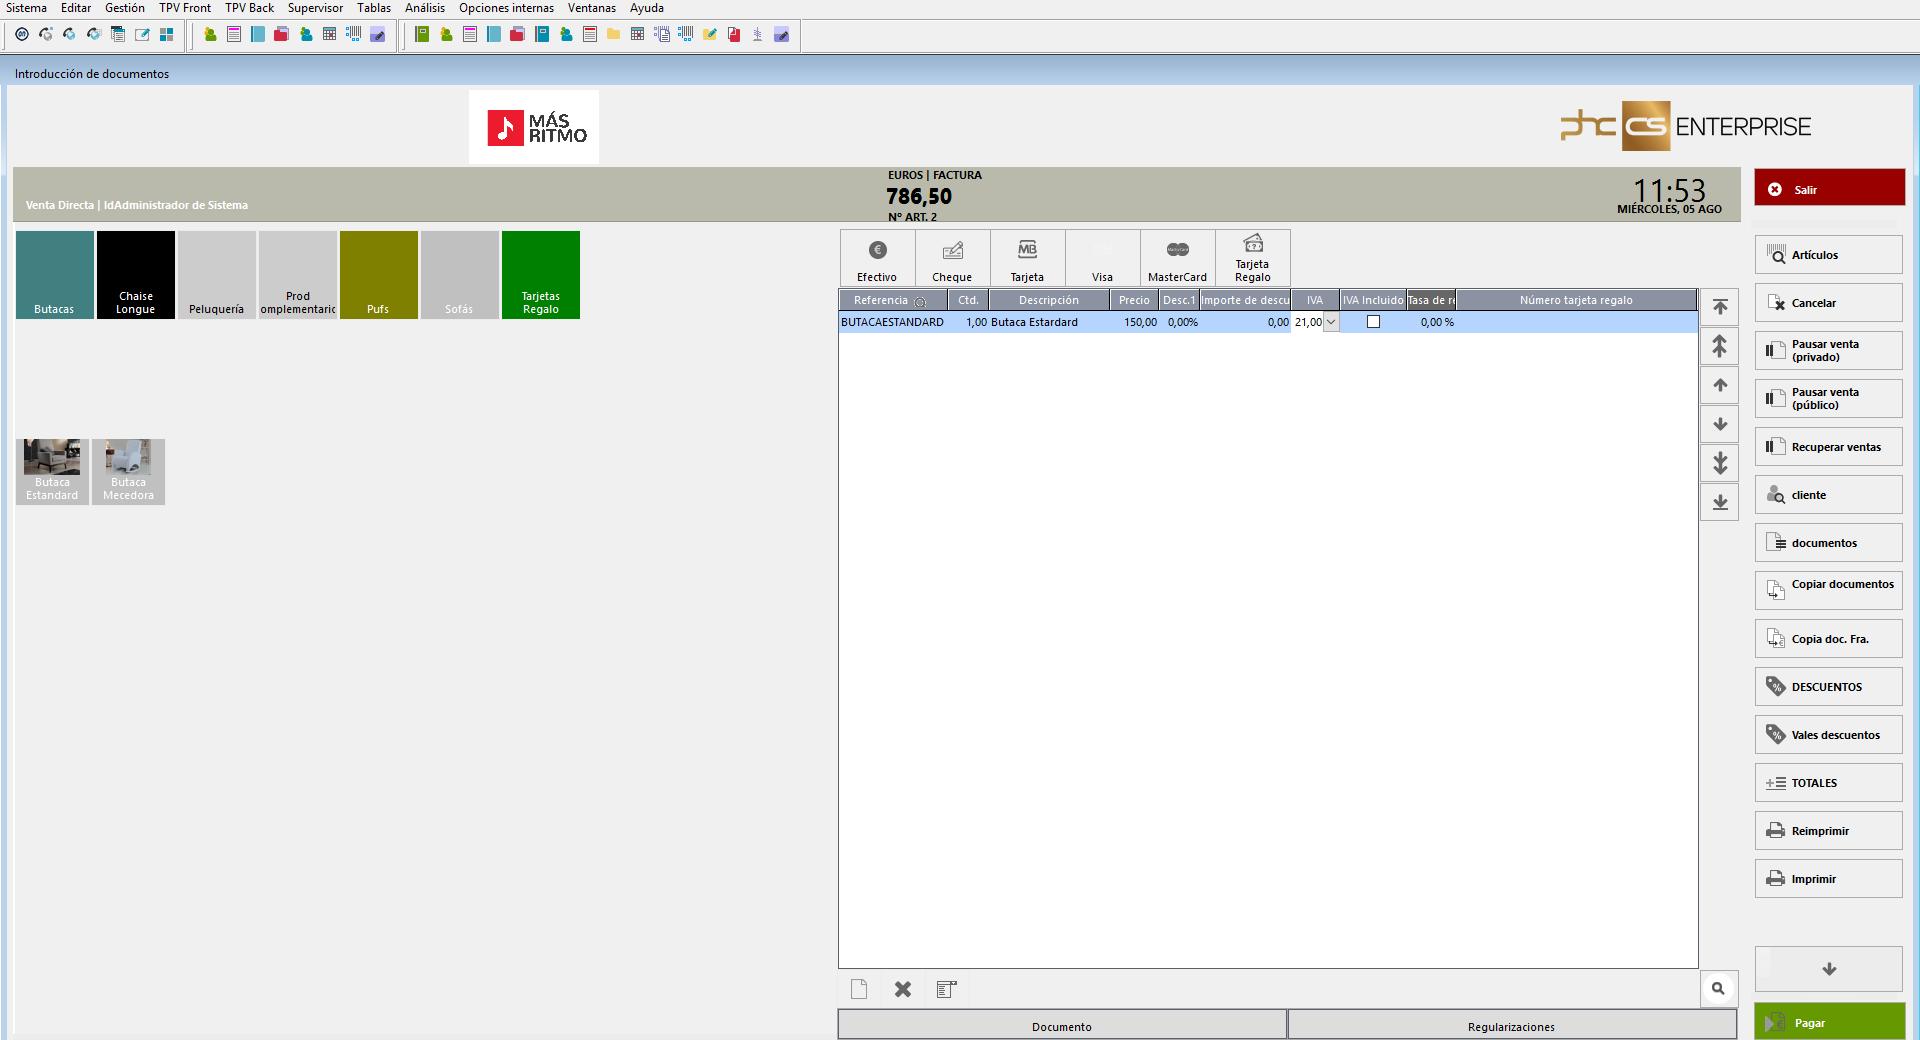 Interface para Touch TPV, Facturación y Doc. Internos